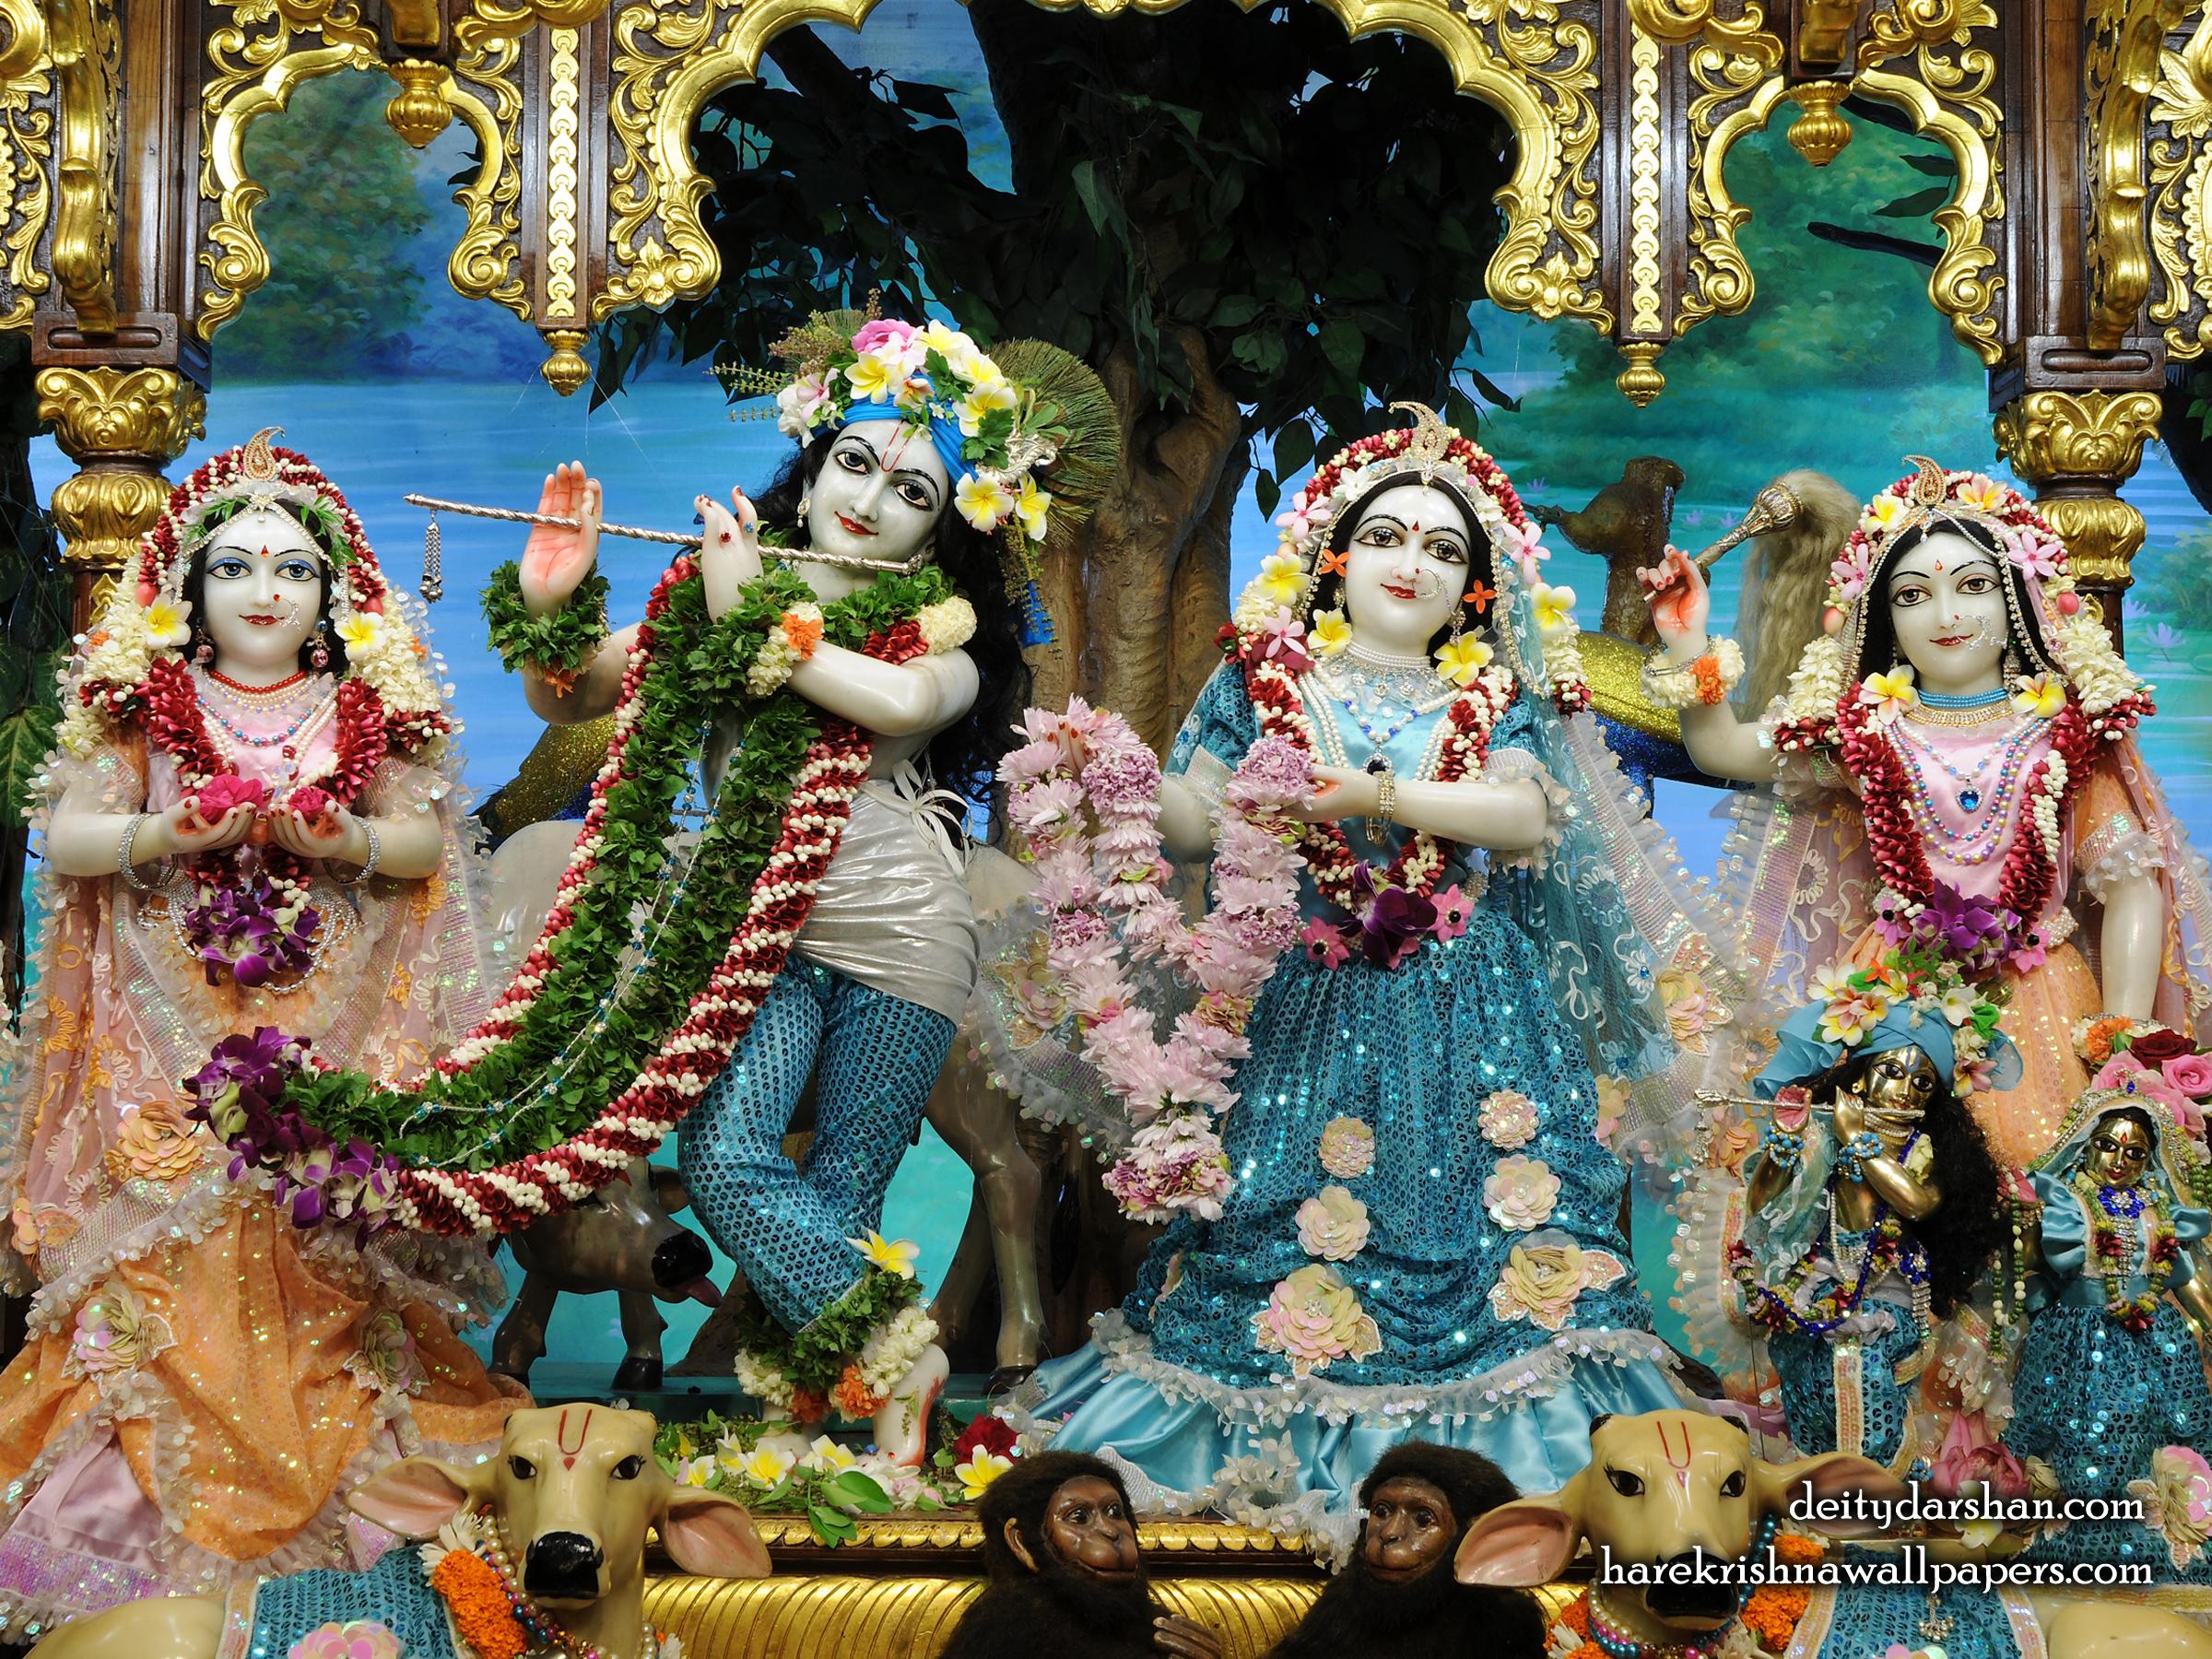 Sri Sri Radha Gopinath Lalita Vishakha Wallpaper (074) Size 2400x1800 Download